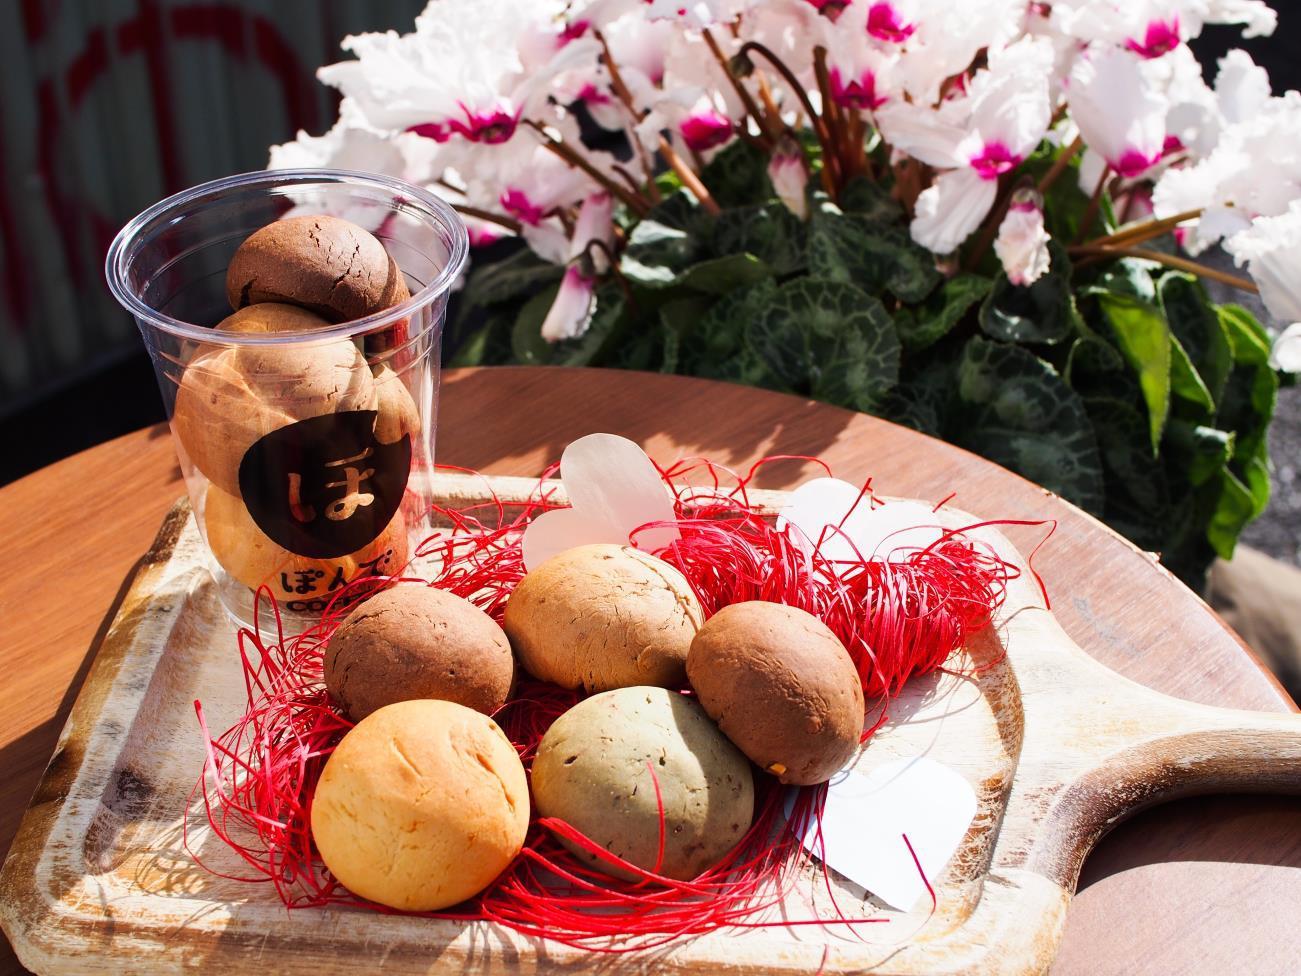 タピオカ粉を使ったモチモチ食感の一口パン「ぽんで」のアンテナショップ 『ぽんでSTORE』で期間限定商品「バレンタインぽんで」を発売します!